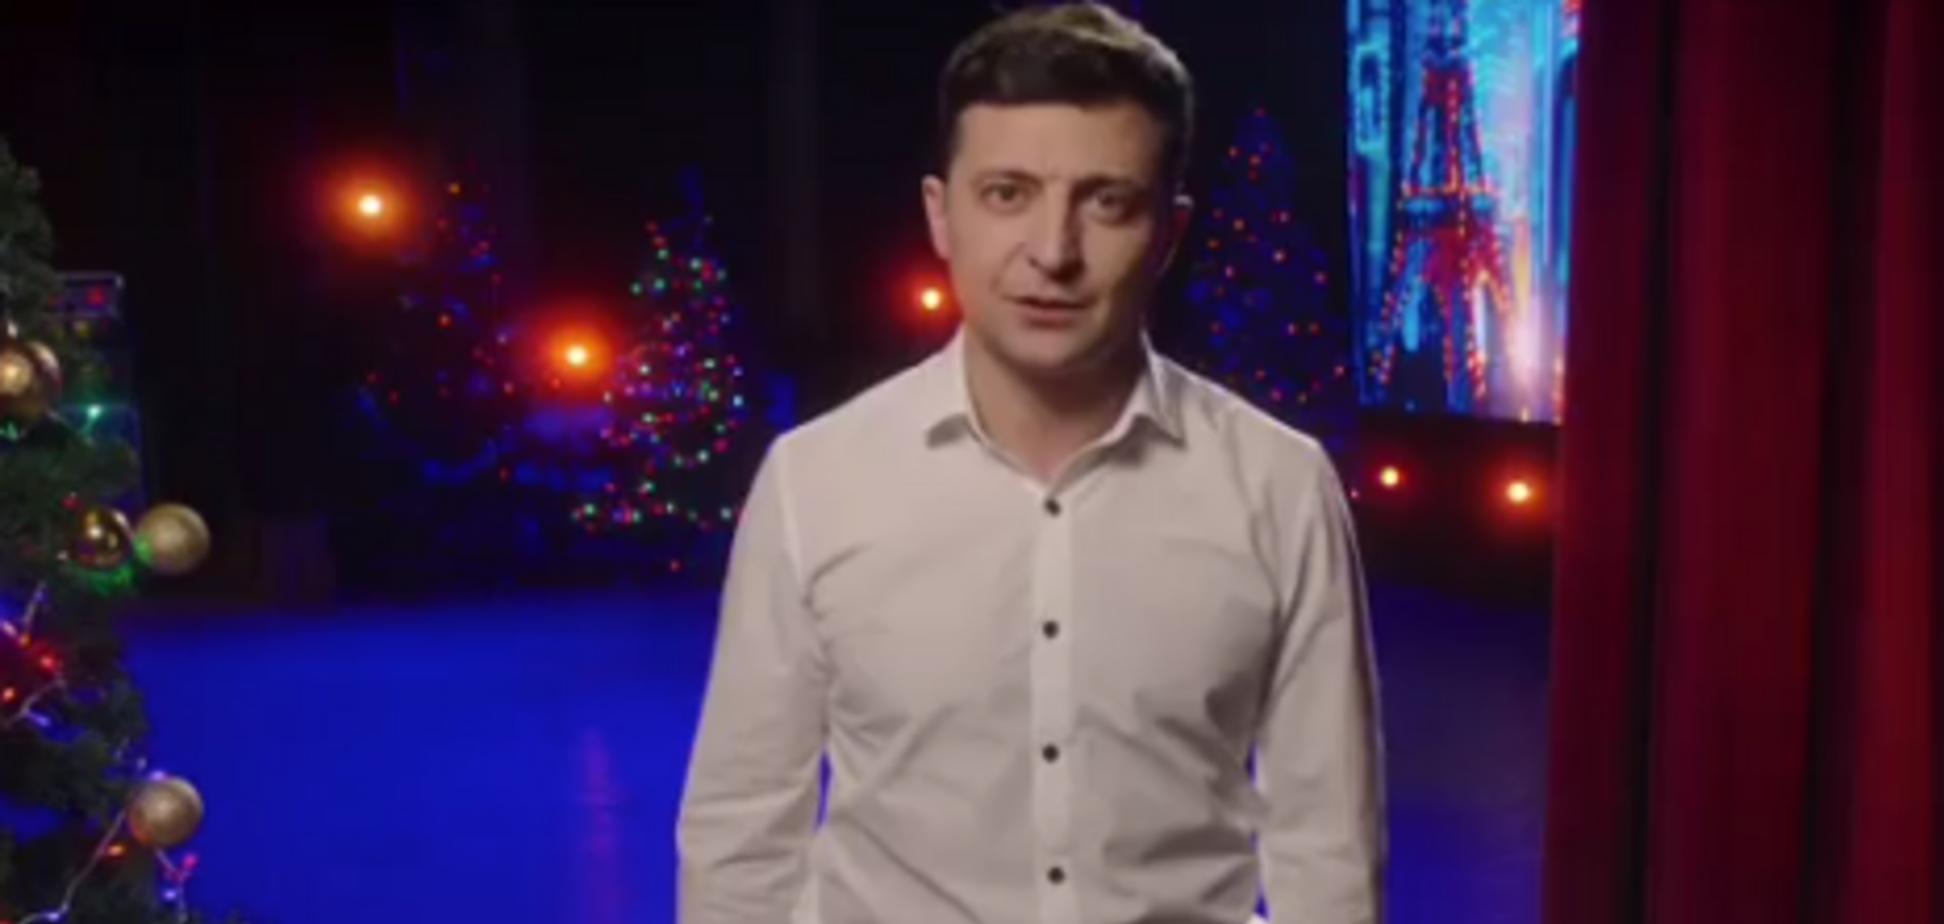 Скандал із новорічним зверненням Зеленського: український телеканал спростував заяву шоумена